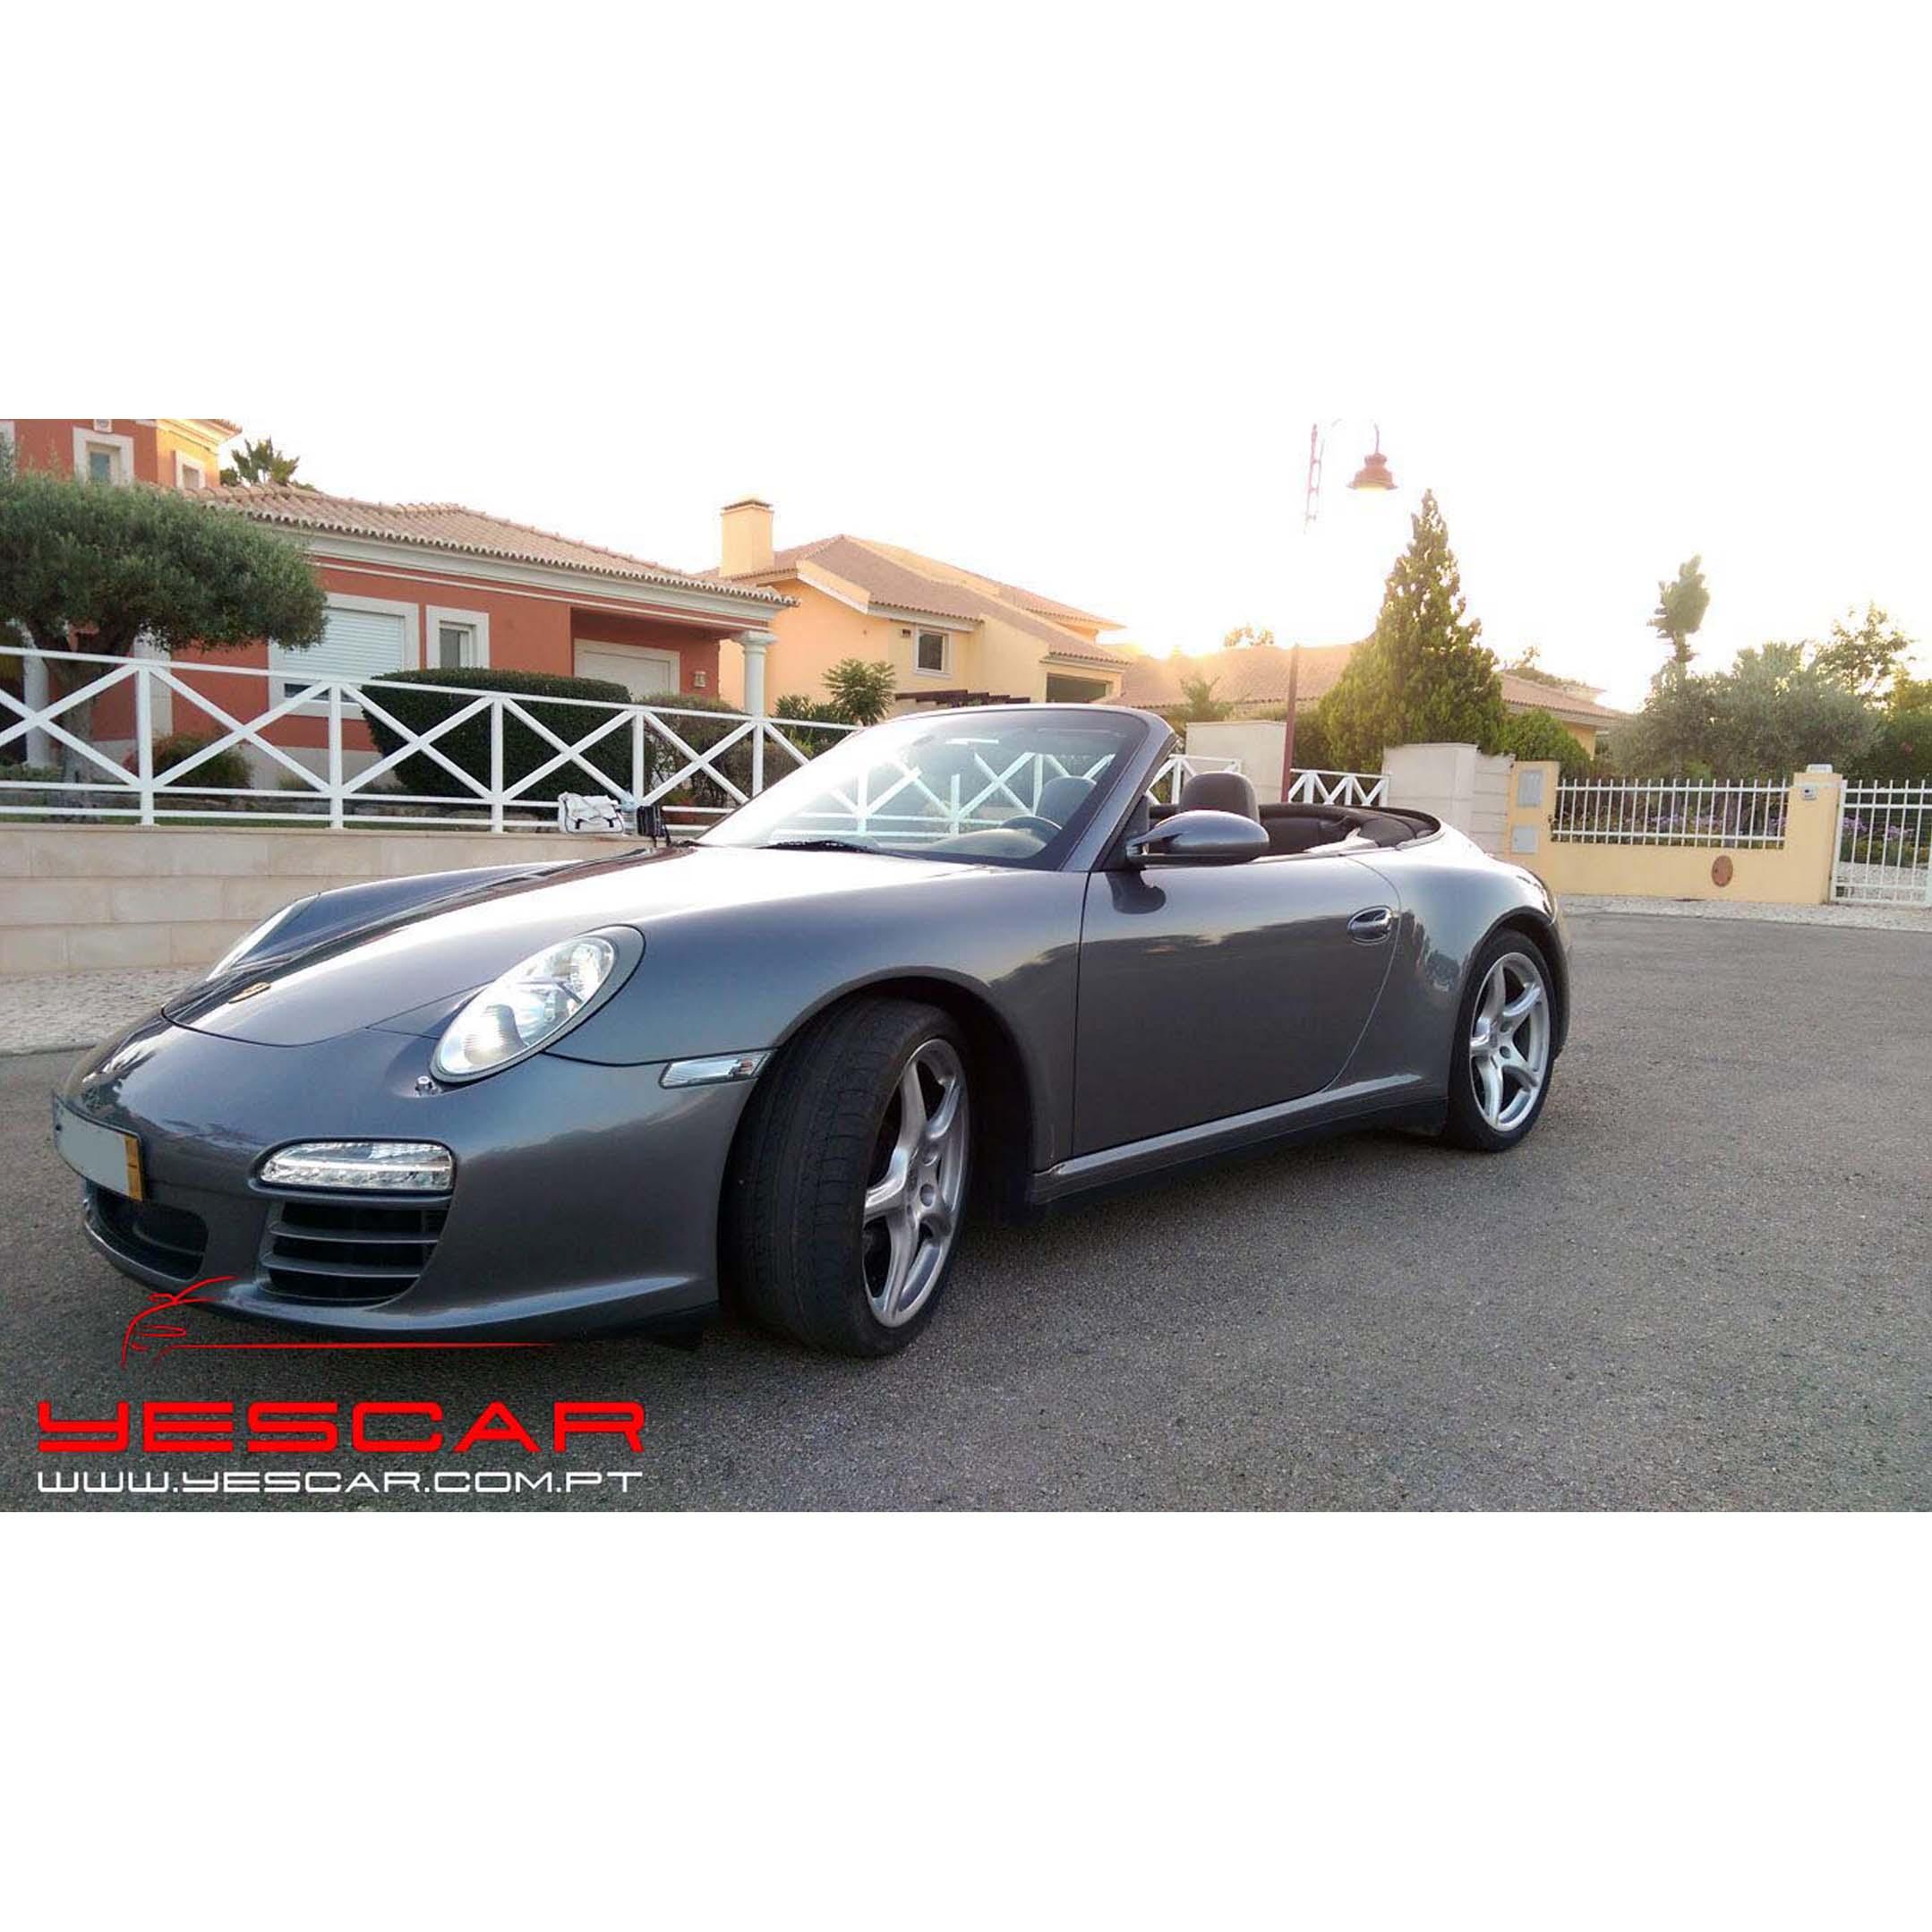 YESCAR_Porsche_911 (13)